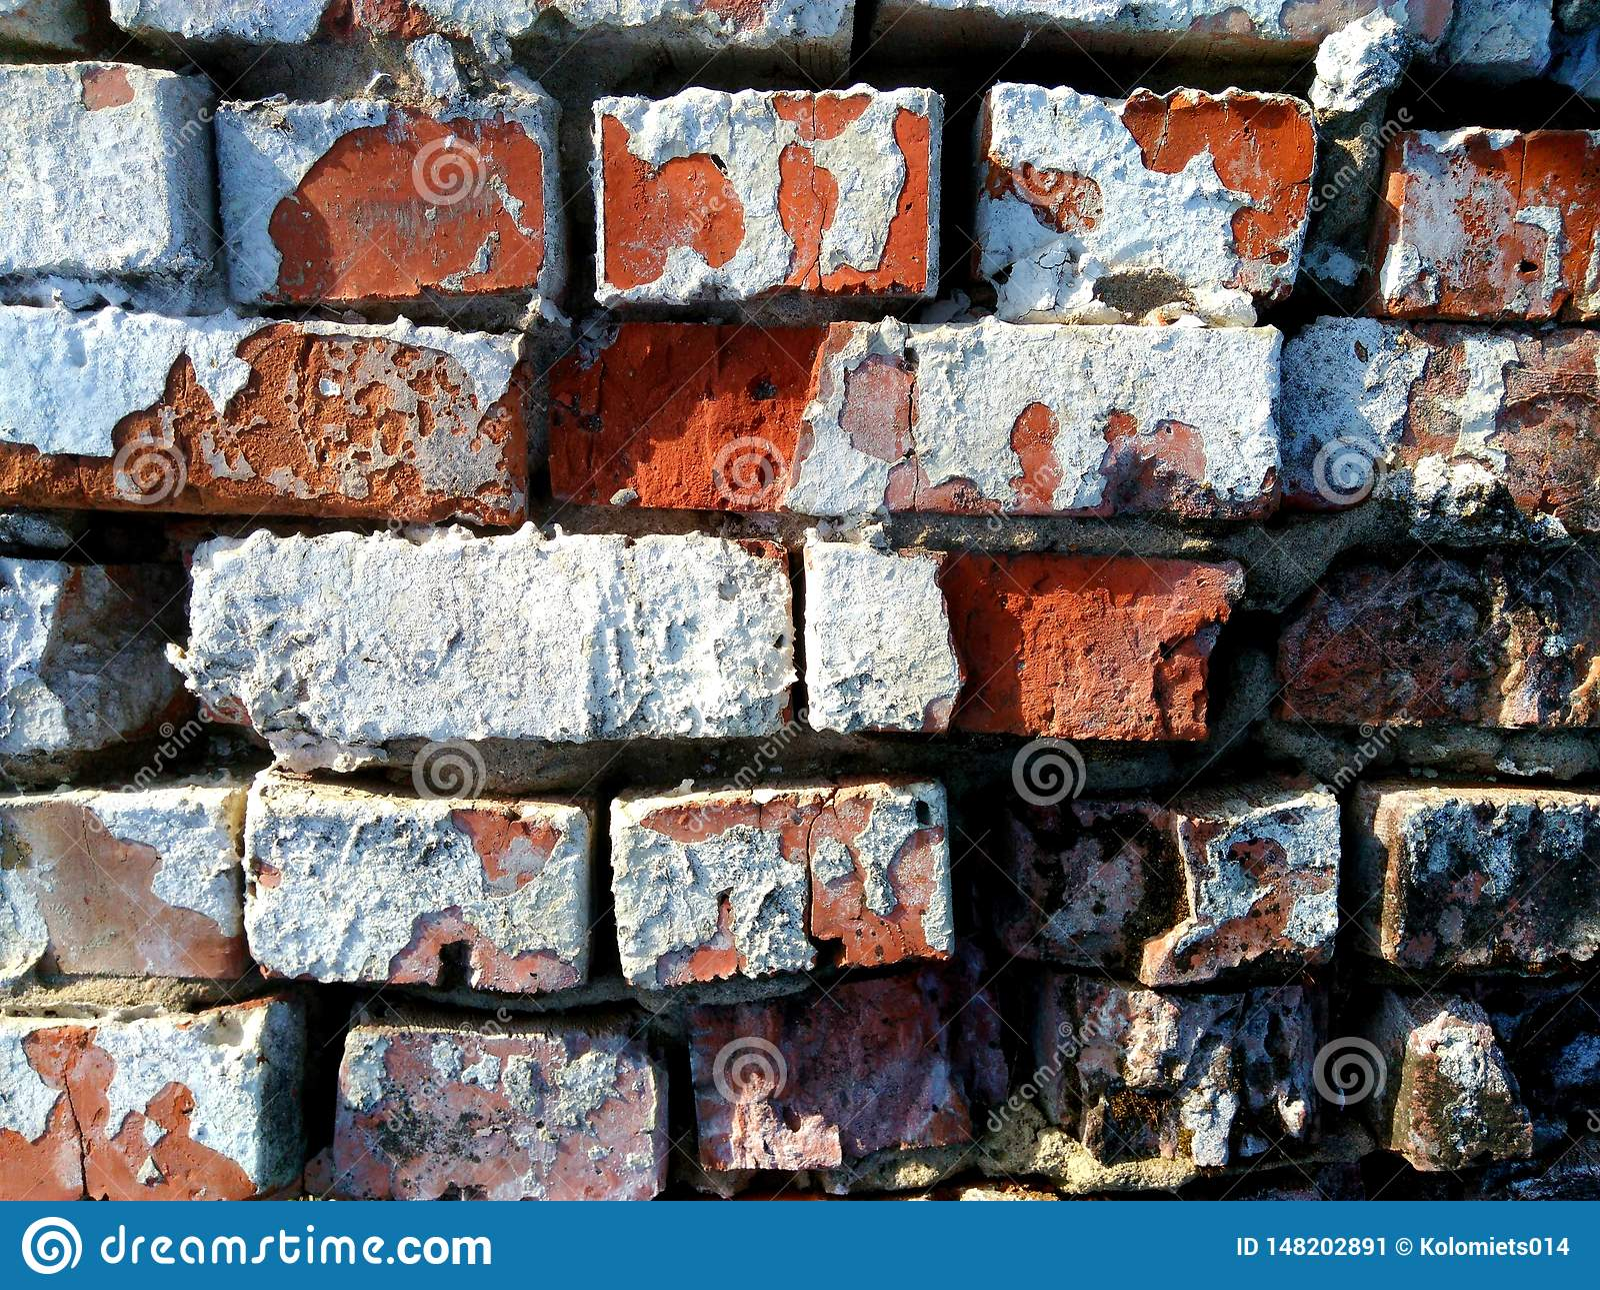 Le vieux mur de briques est fait de briques rouges